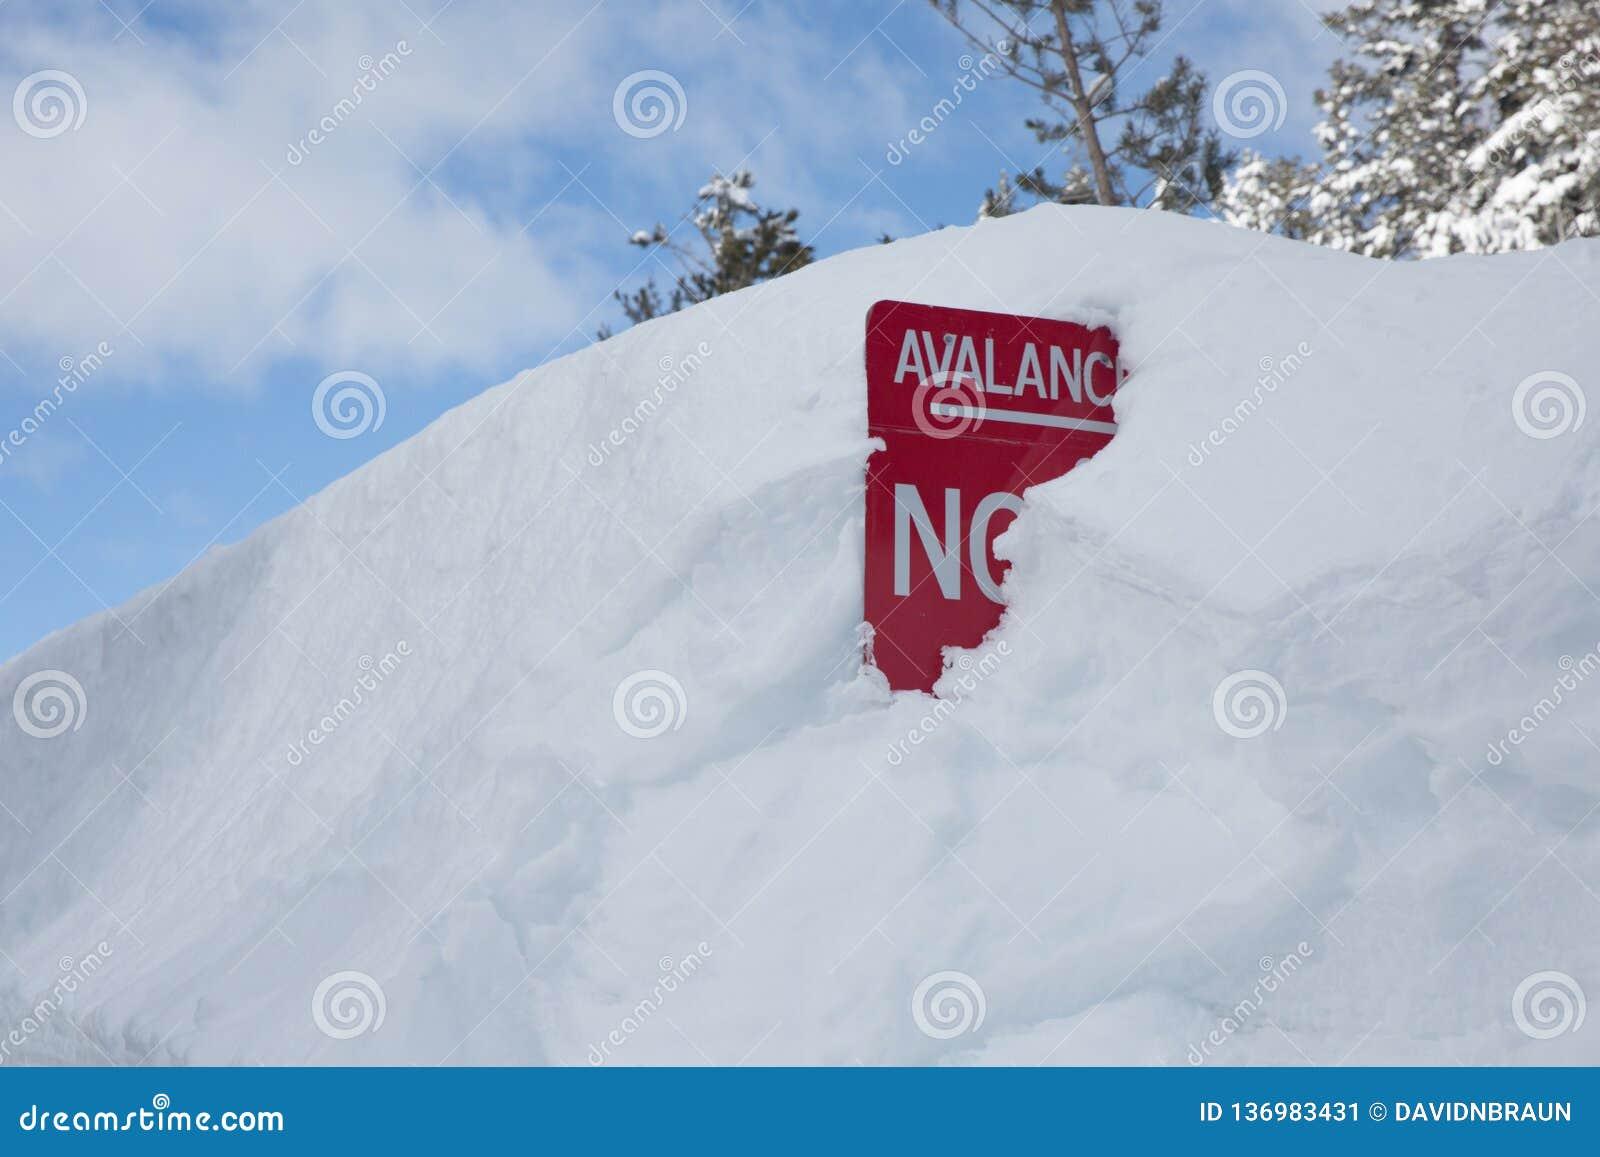 Κόκκινο προειδοποιητικό σημάδι χιονοστιβάδων που θάβεται στο χιόνι